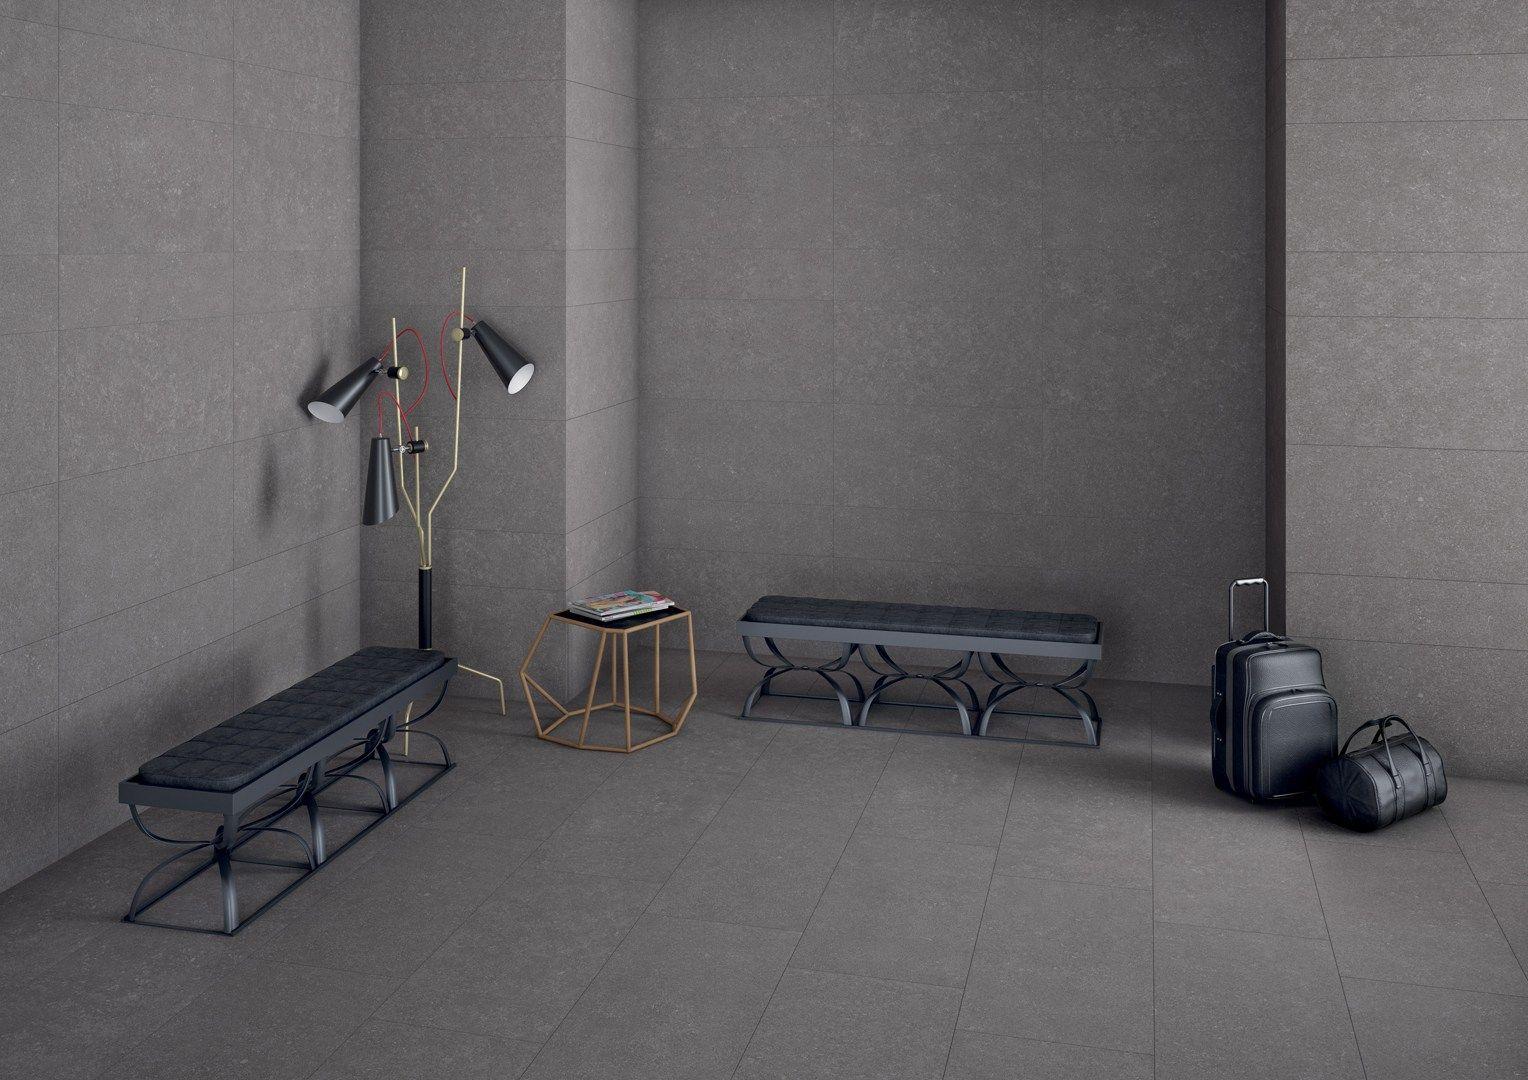 rev tement de sol mur cologique effet marbre pour int rieur et ext rieur klever anthracite. Black Bedroom Furniture Sets. Home Design Ideas